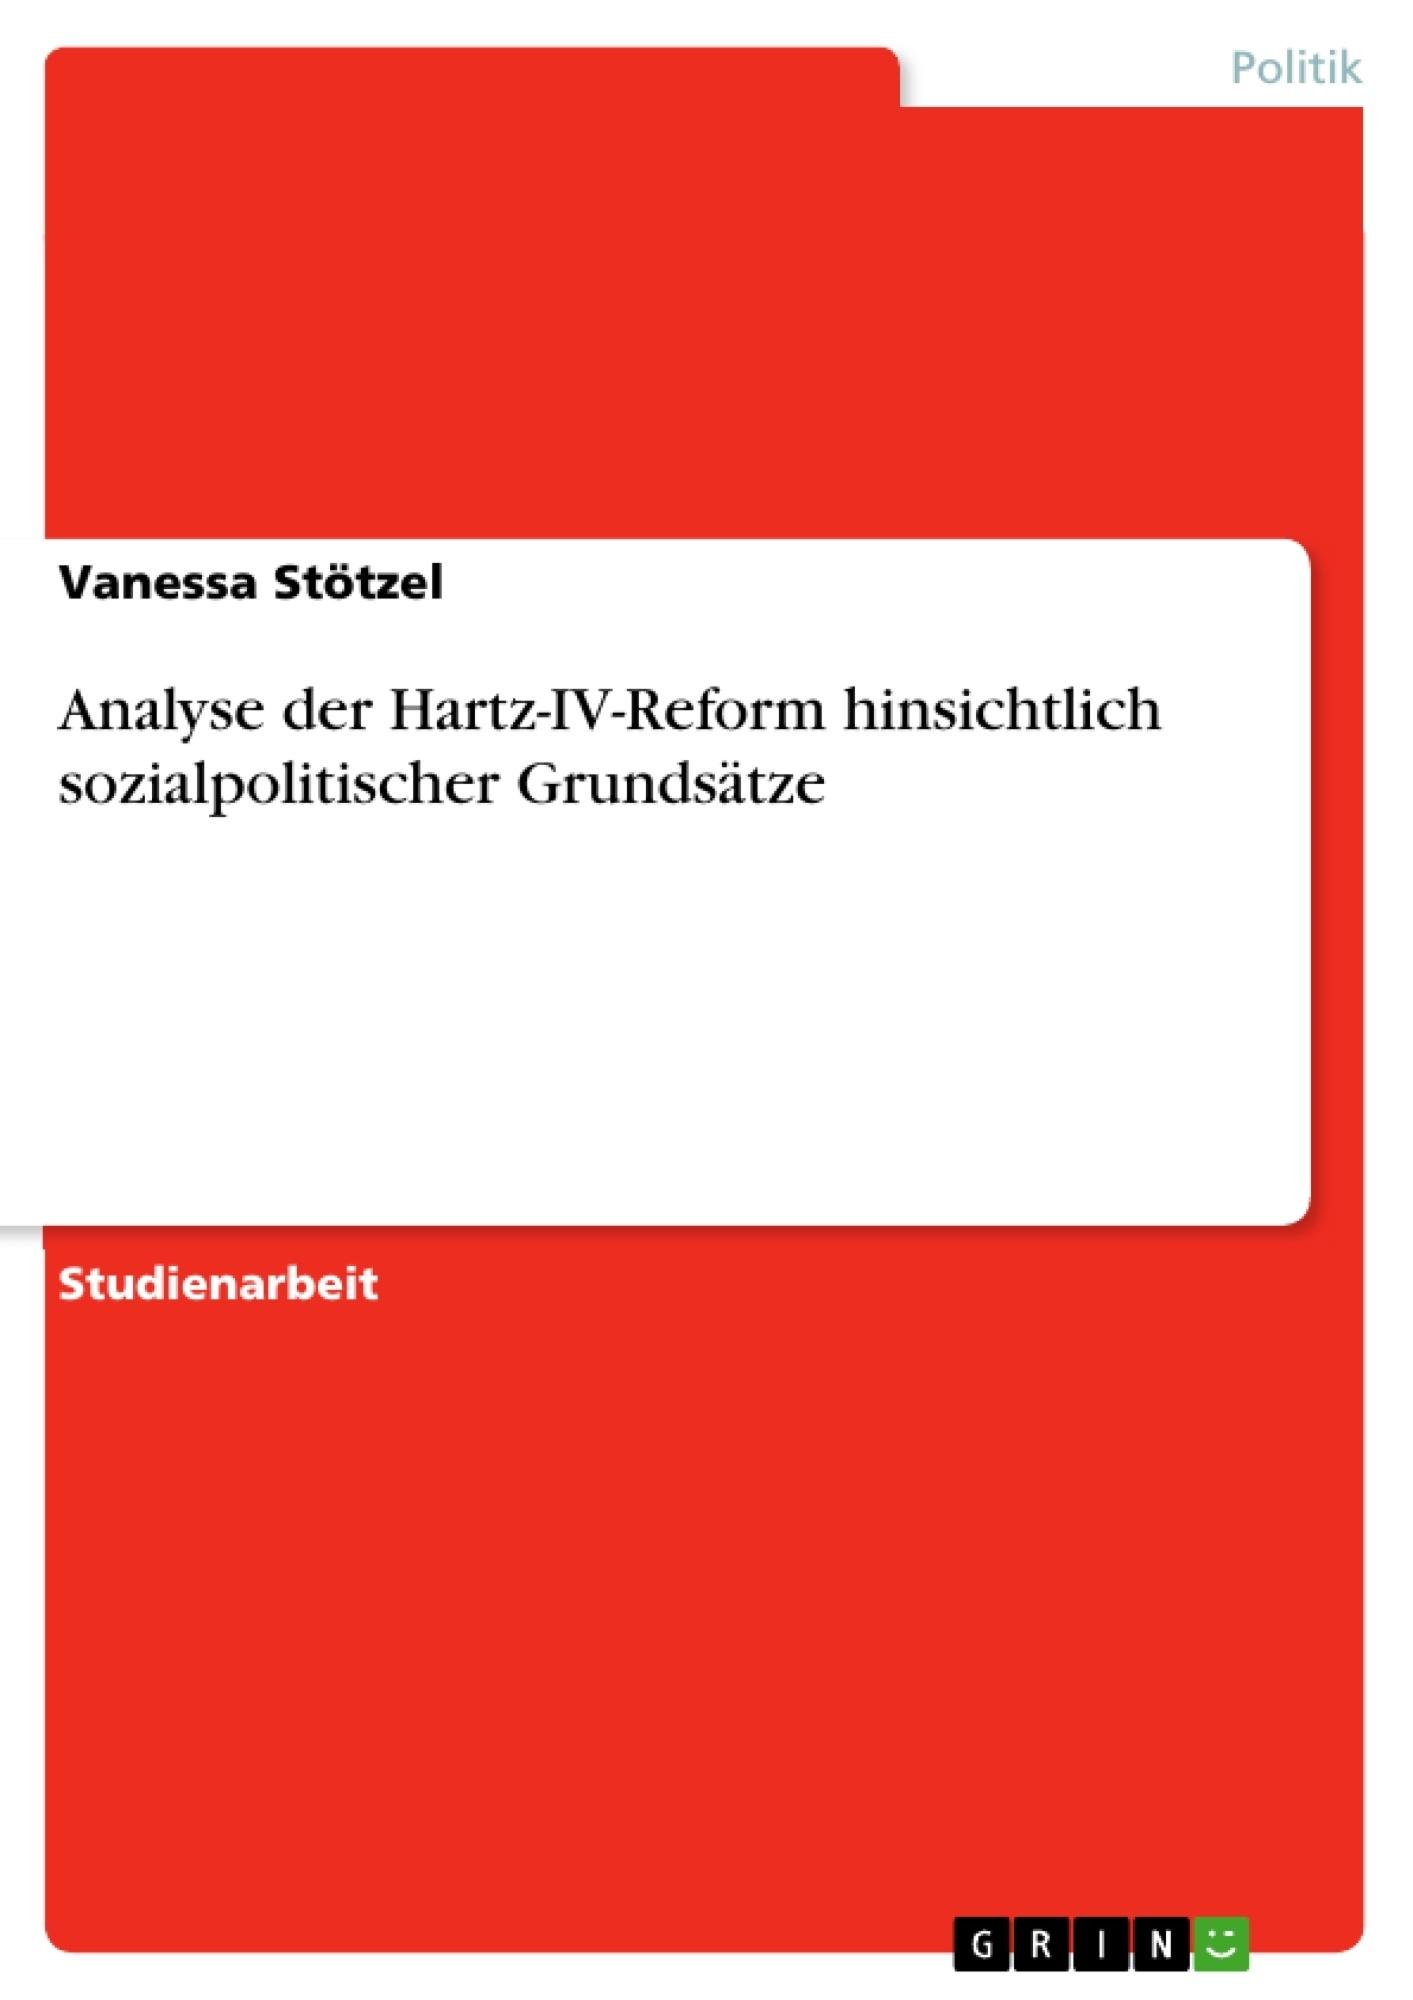 Titel: Analyse der Hartz-IV-Reform hinsichtlich sozialpolitischer Grundsätze